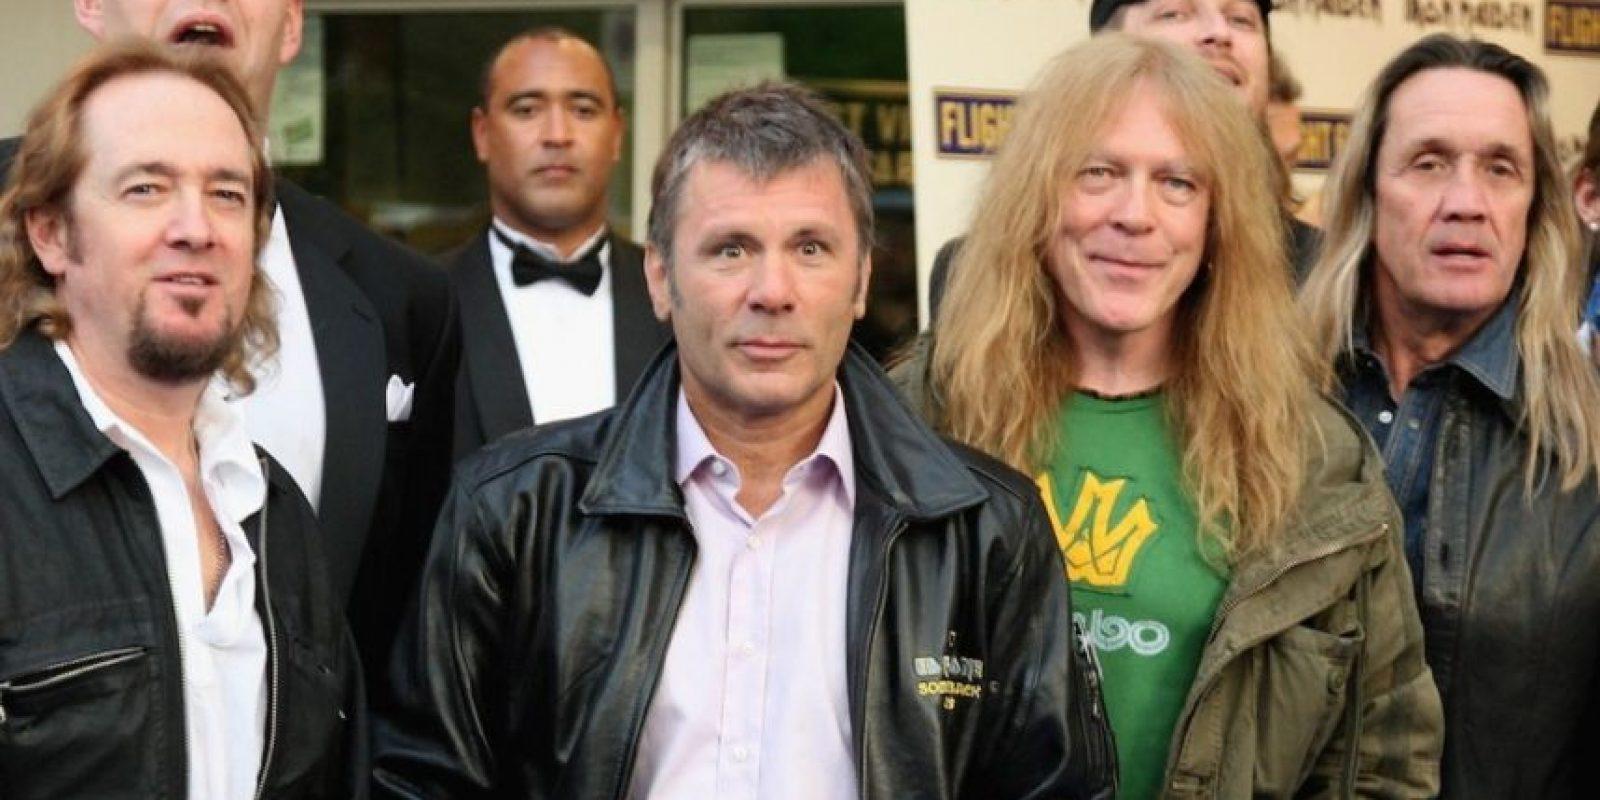 Iron Maiden complació a sus fans mexicano la noche de este jueves 3 de febrero de 2016 en el Palacio de los Deportes Foto:Getty Images